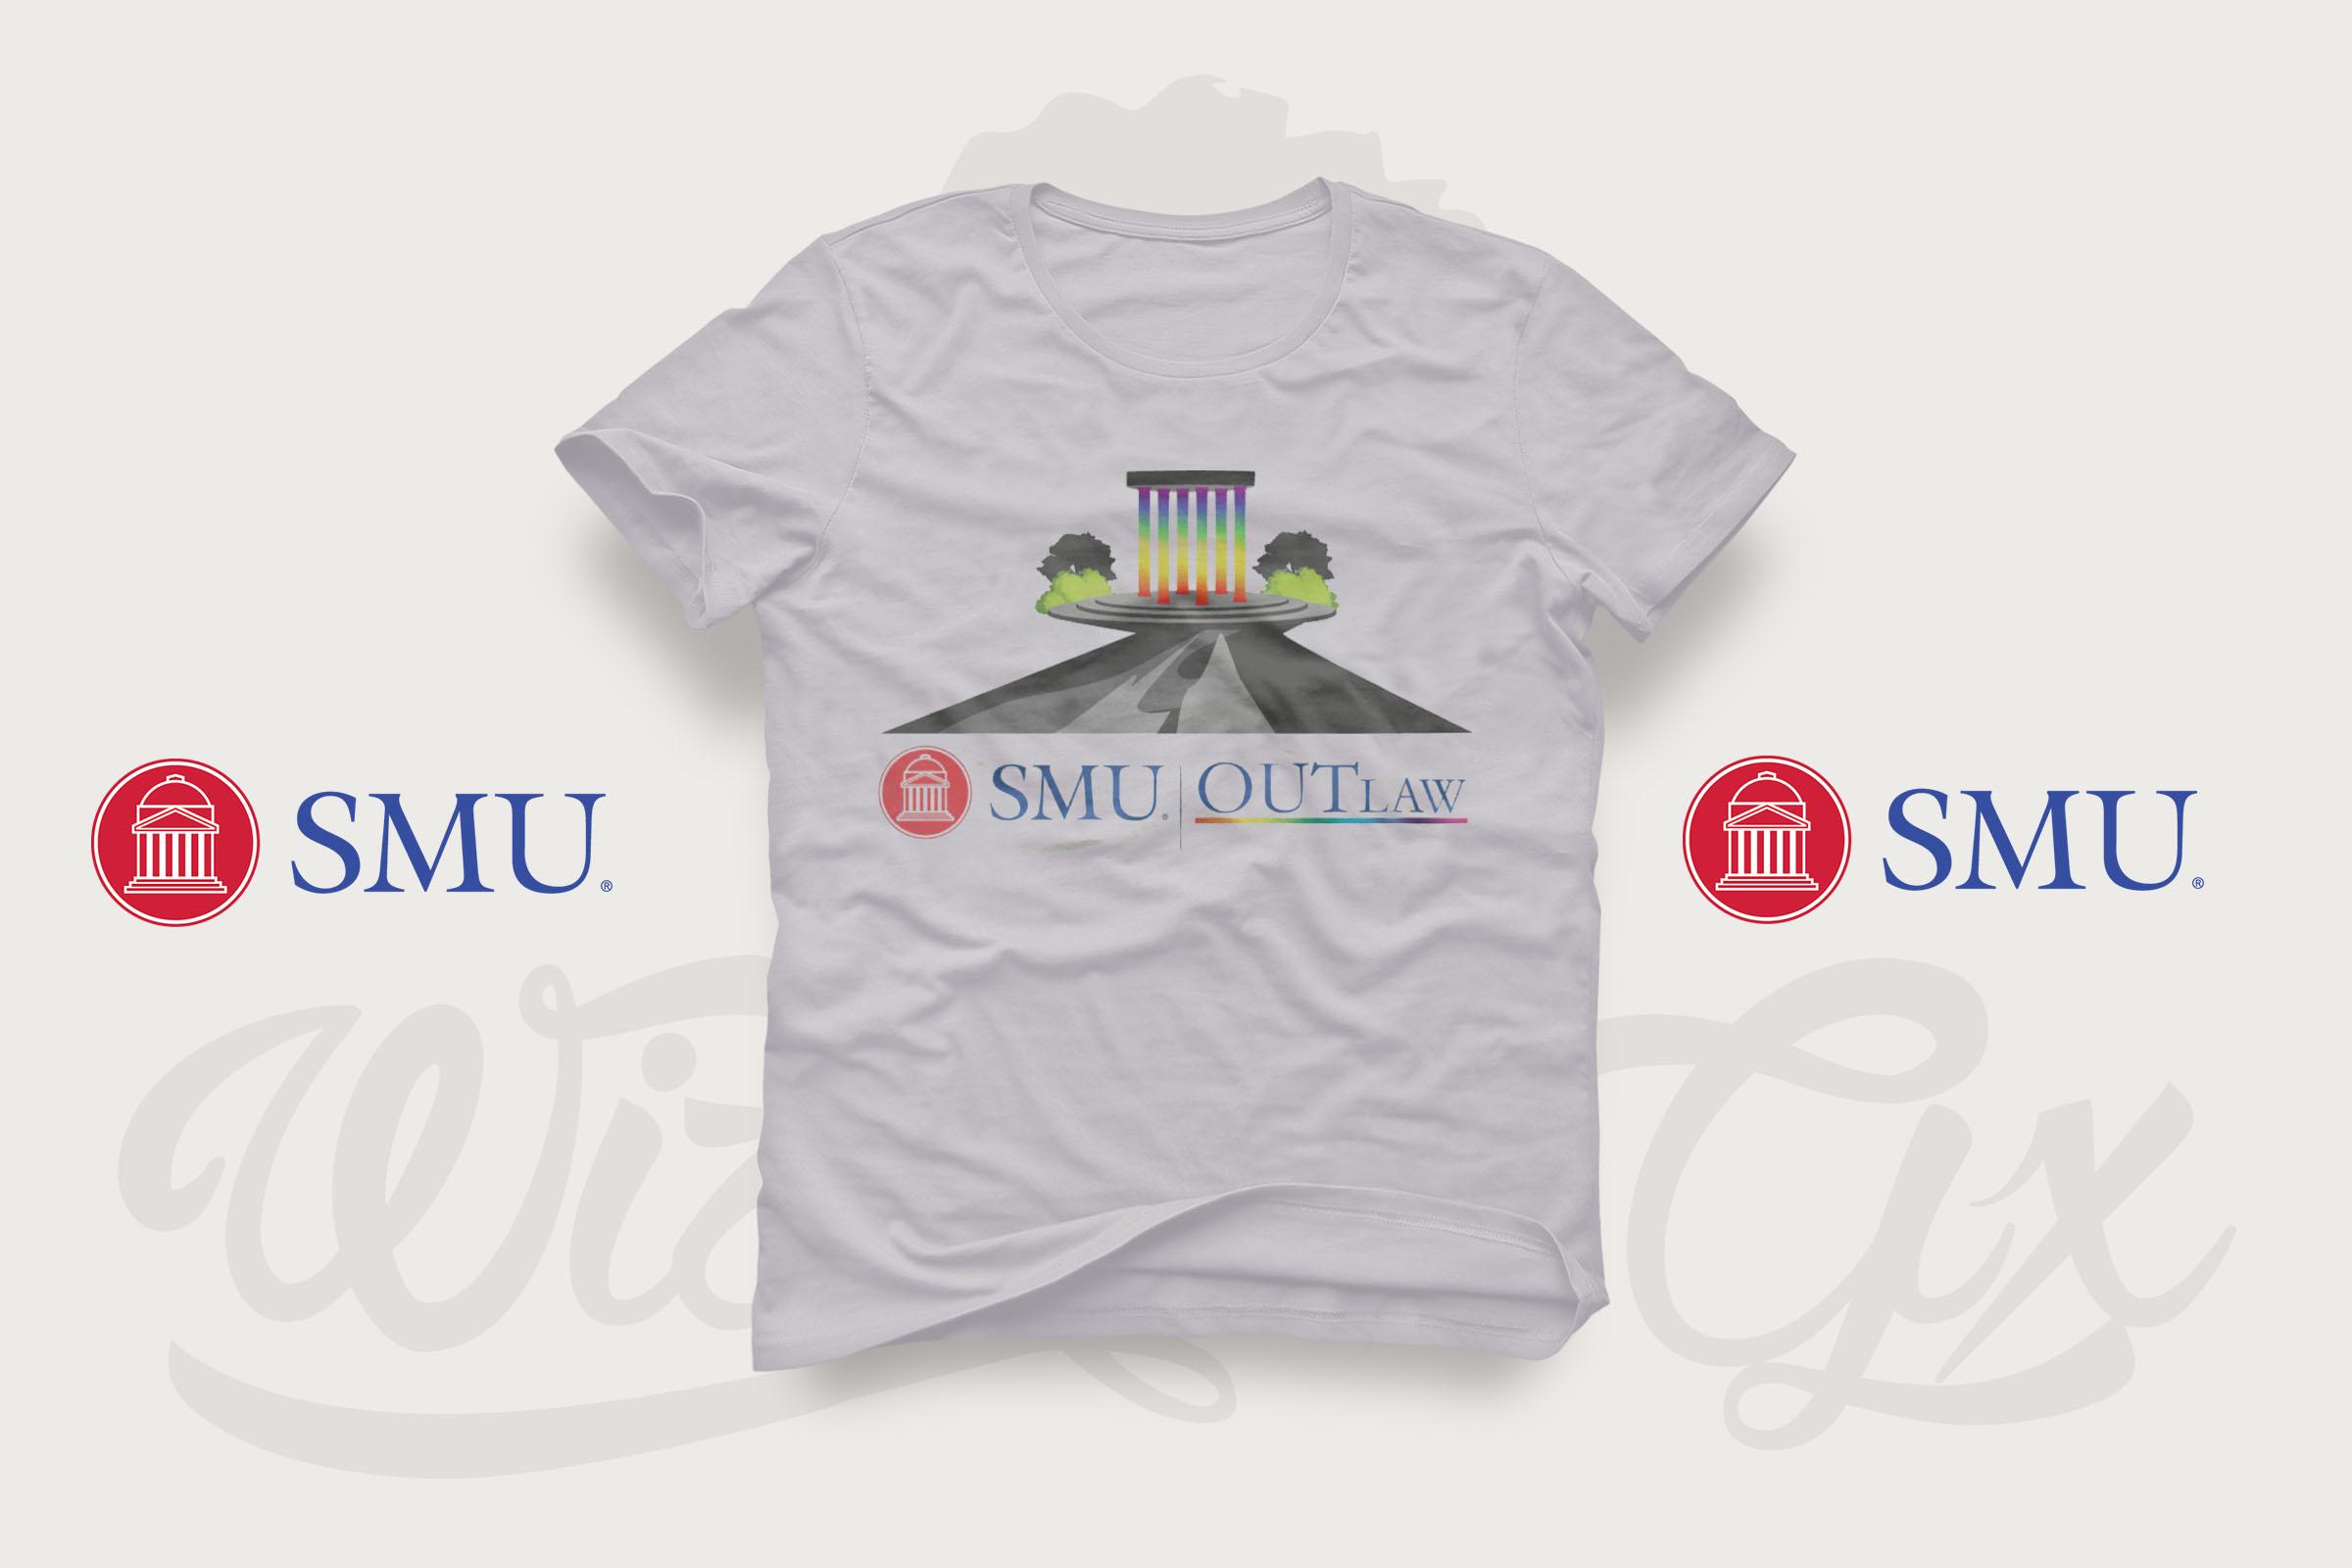 SMU College Mock Up.jpg